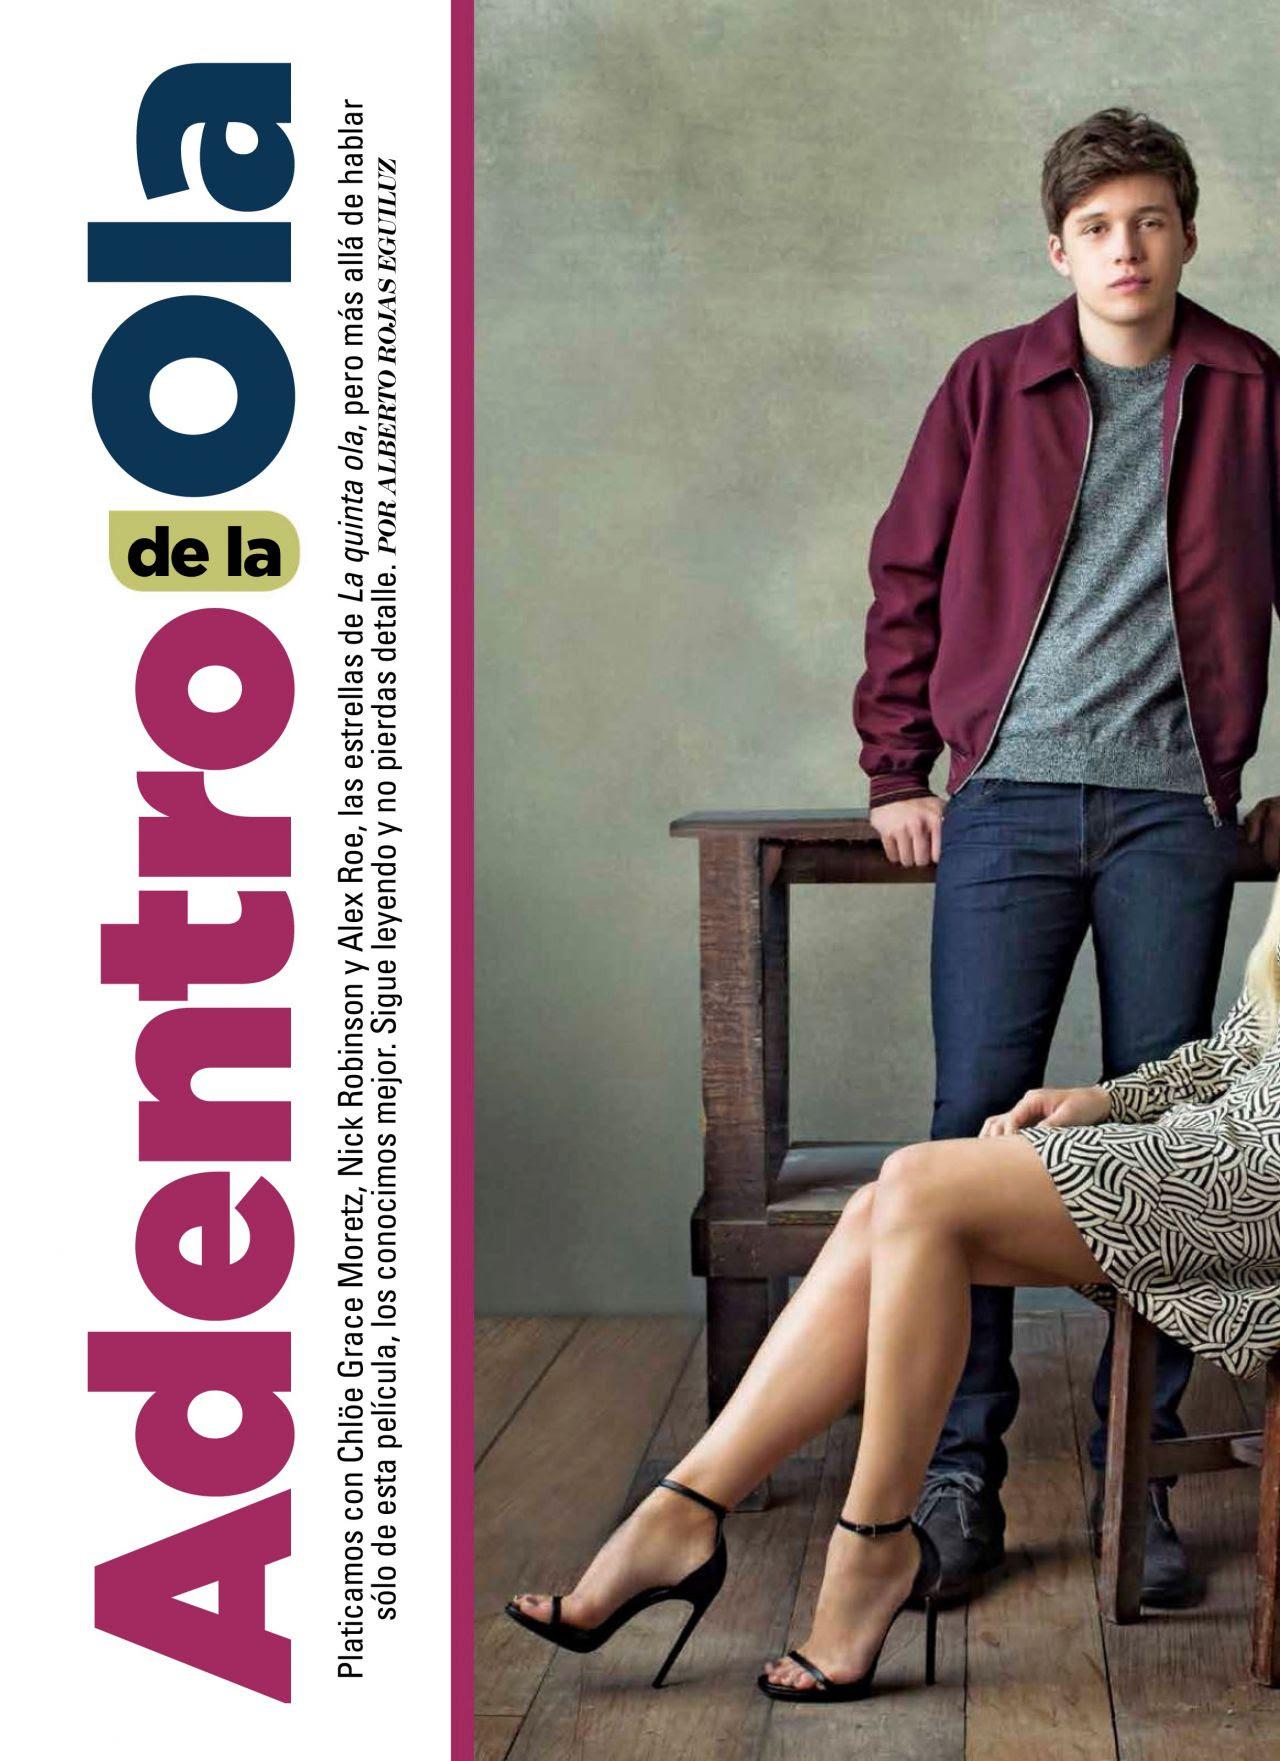 http://celebmafia.com/wp-content/uploads/2016/01/chlo%C3%AB-moretz-seventeen-magazine-mexico-february-2016-issue-3.jpg